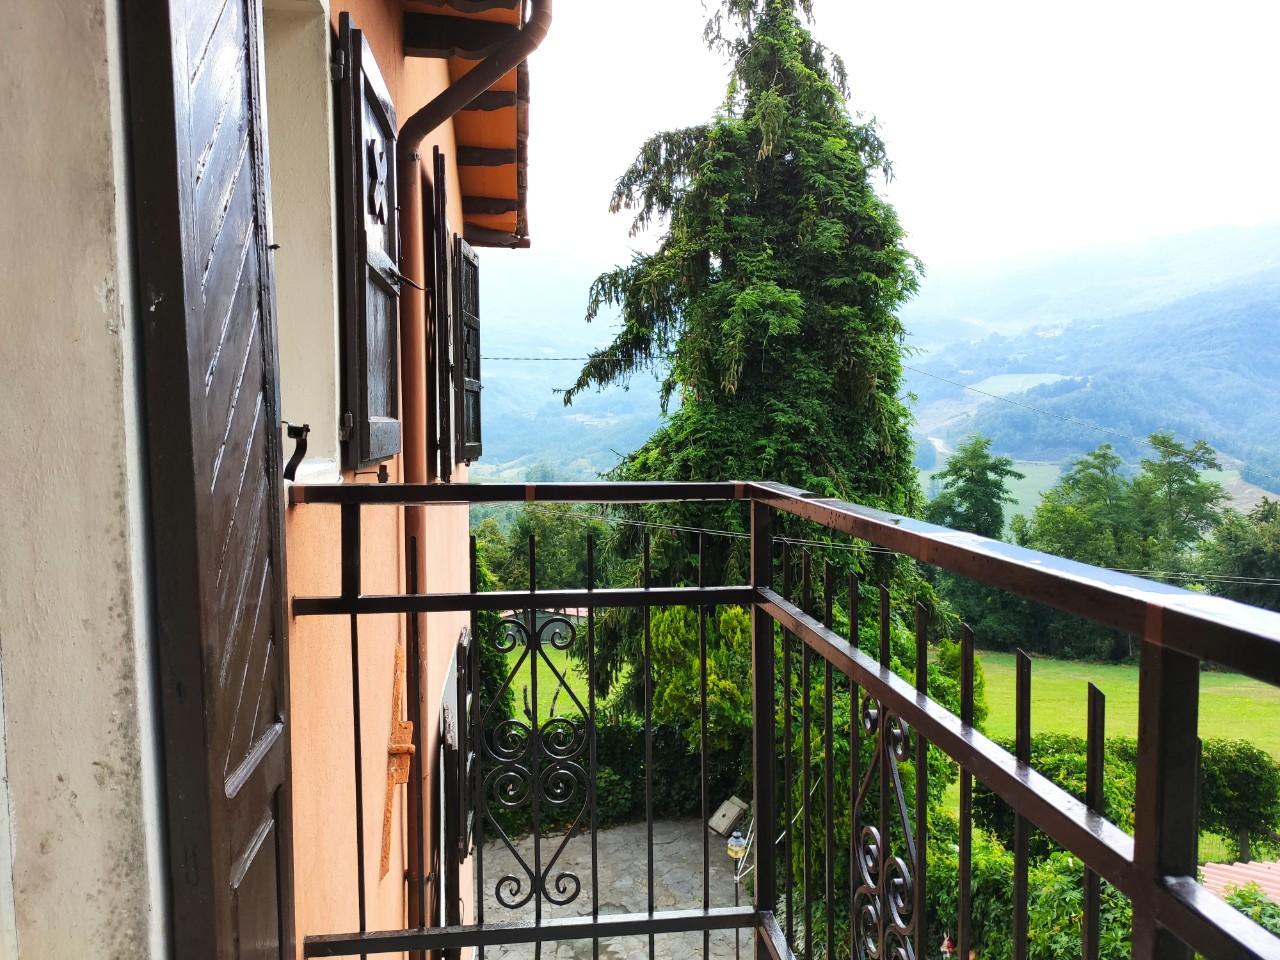 Villa Bifamiliare in vendita Corniglio